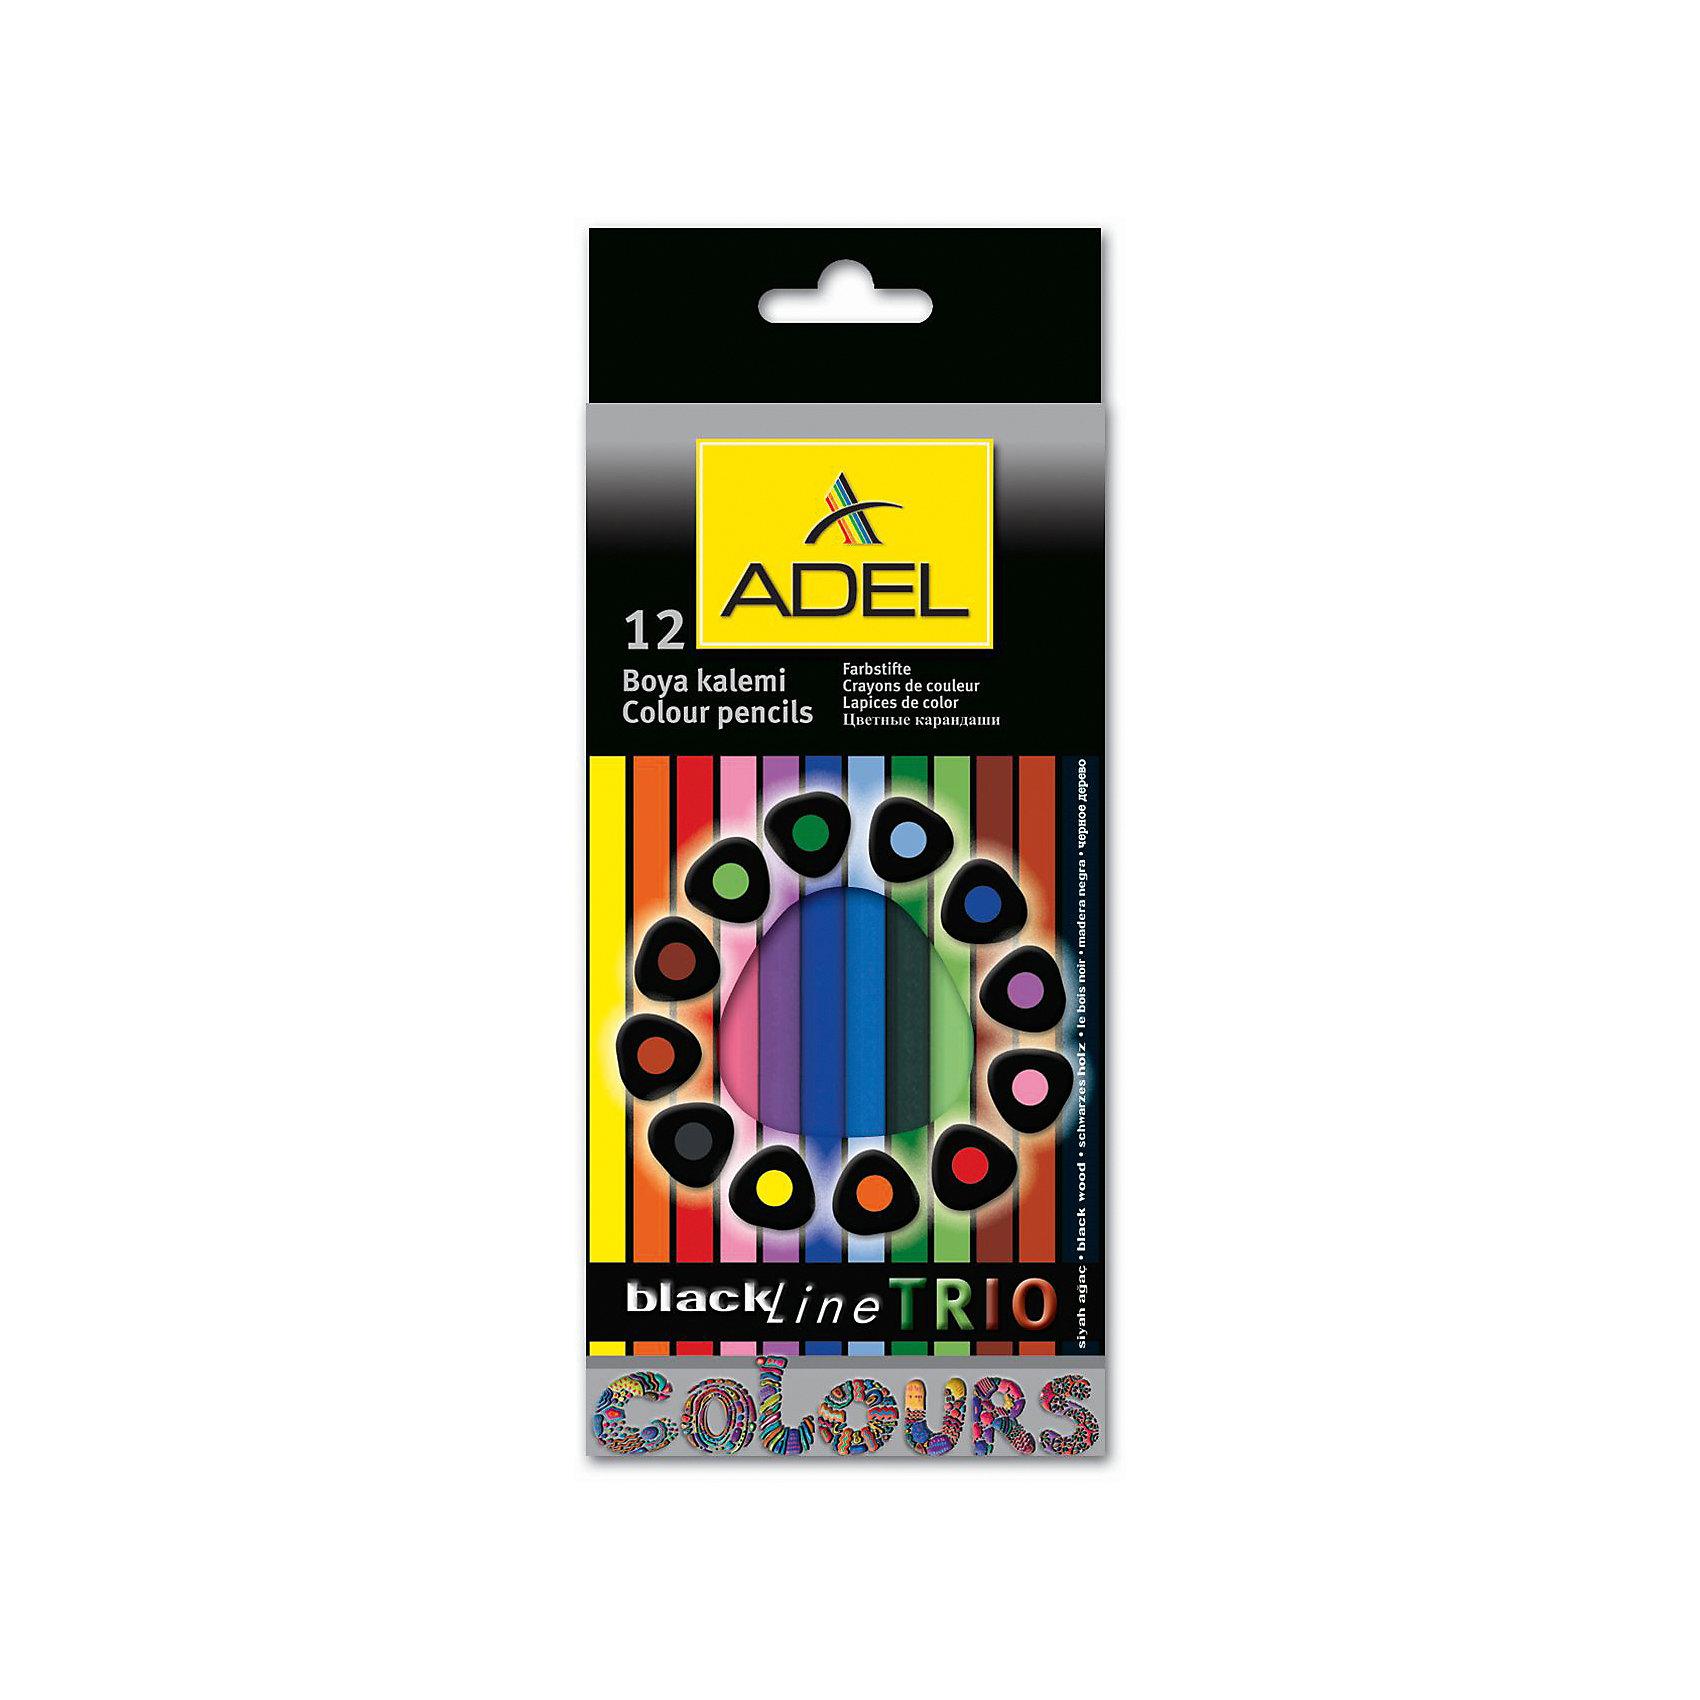 ADEL Карандаши цветные Blackline-PB TRIO трехгранные, 12 цветов.Письменные принадлежности<br>Высококачественные цветные карандаши эргономической треугольной формы с супермягким грифелем толщиной 3 мм. Корпус из черного дерева с покрытием лаком в цвет грифеля. Цвета яркие, насыщенные. Легкое затачивание.<br><br>Ширина мм: 200<br>Глубина мм: 120<br>Высота мм: 10<br>Вес г: 90<br>Возраст от месяцев: 36<br>Возраст до месяцев: 2147483647<br>Пол: Унисекс<br>Возраст: Детский<br>SKU: 6725448